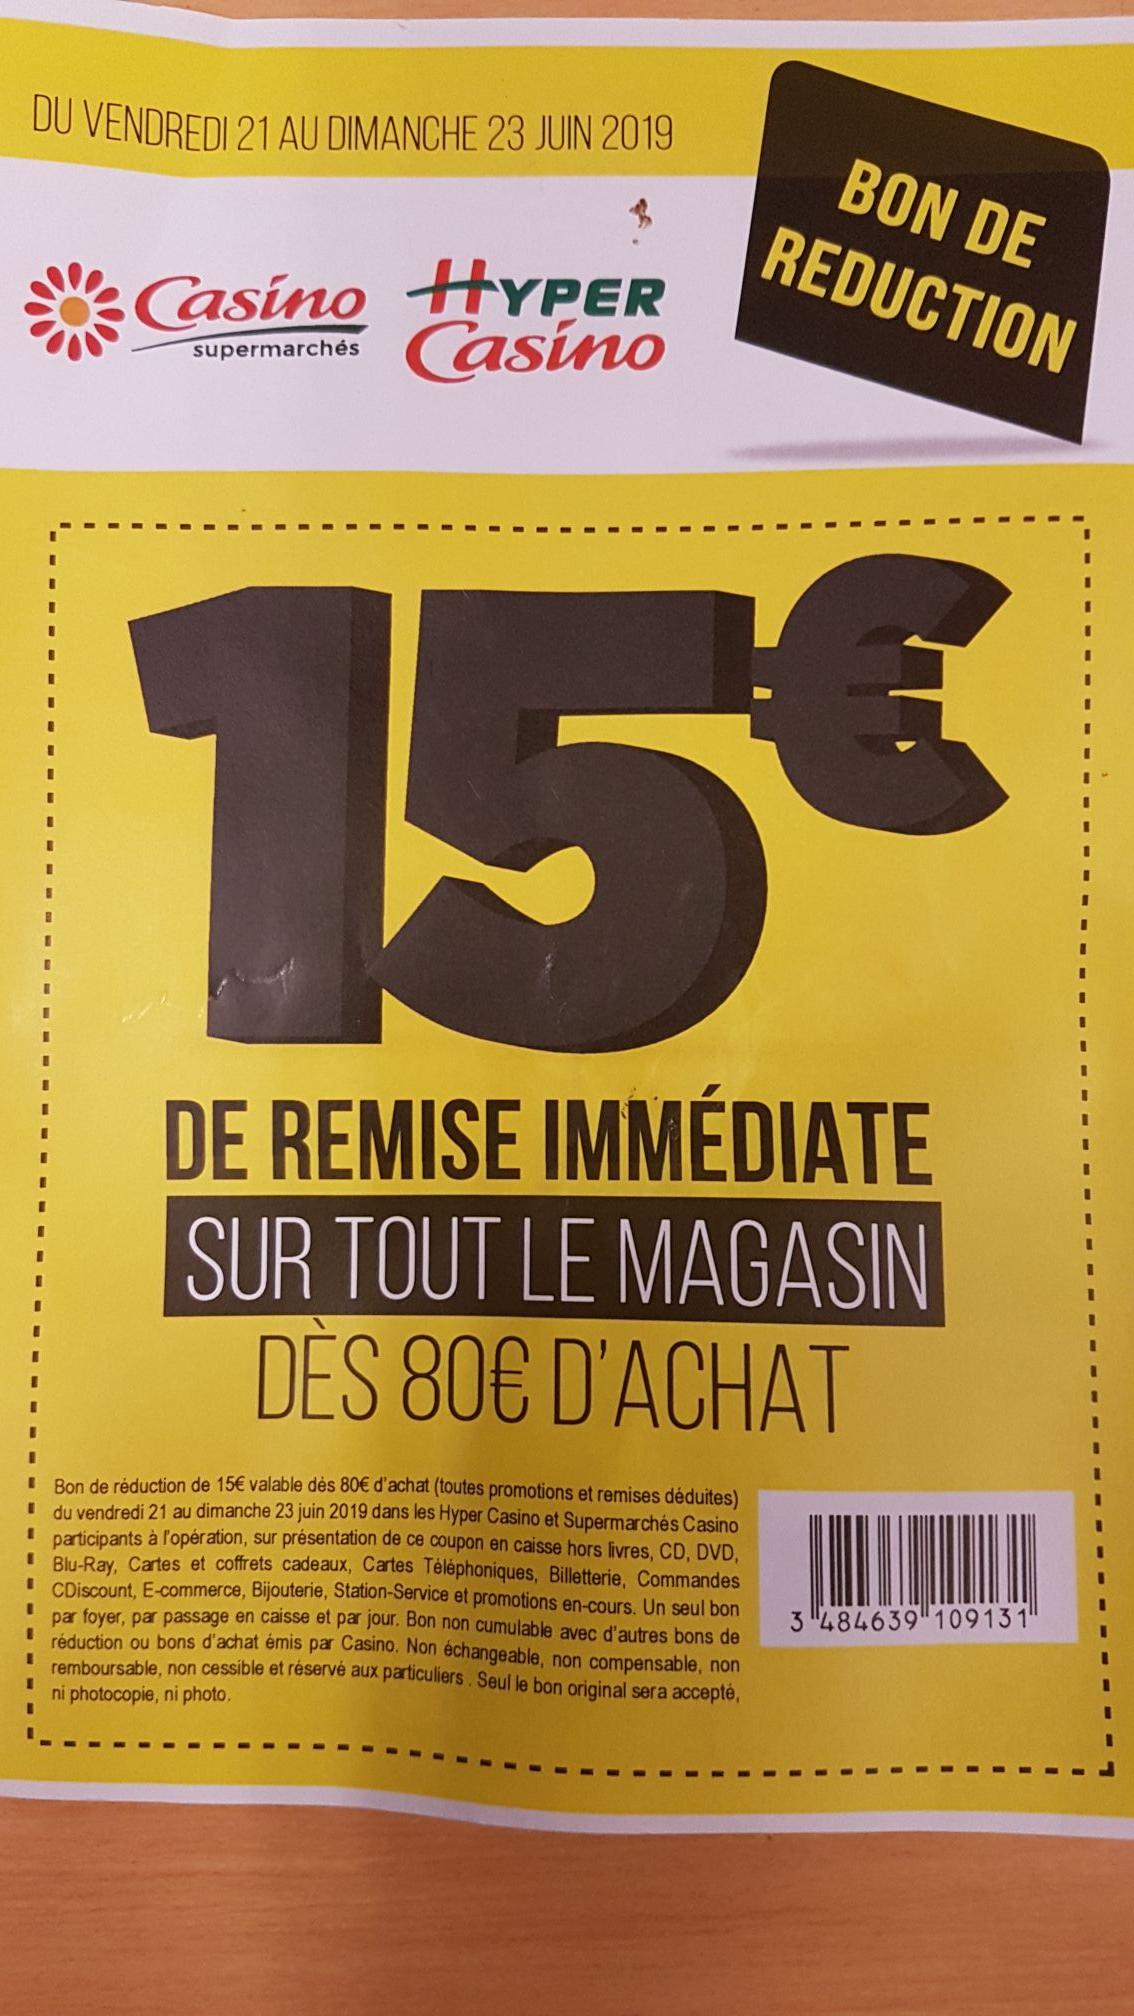 15€ de réduction sur tout le magasin dès 80€ d'achat - Toulouse les demoiselles (31)